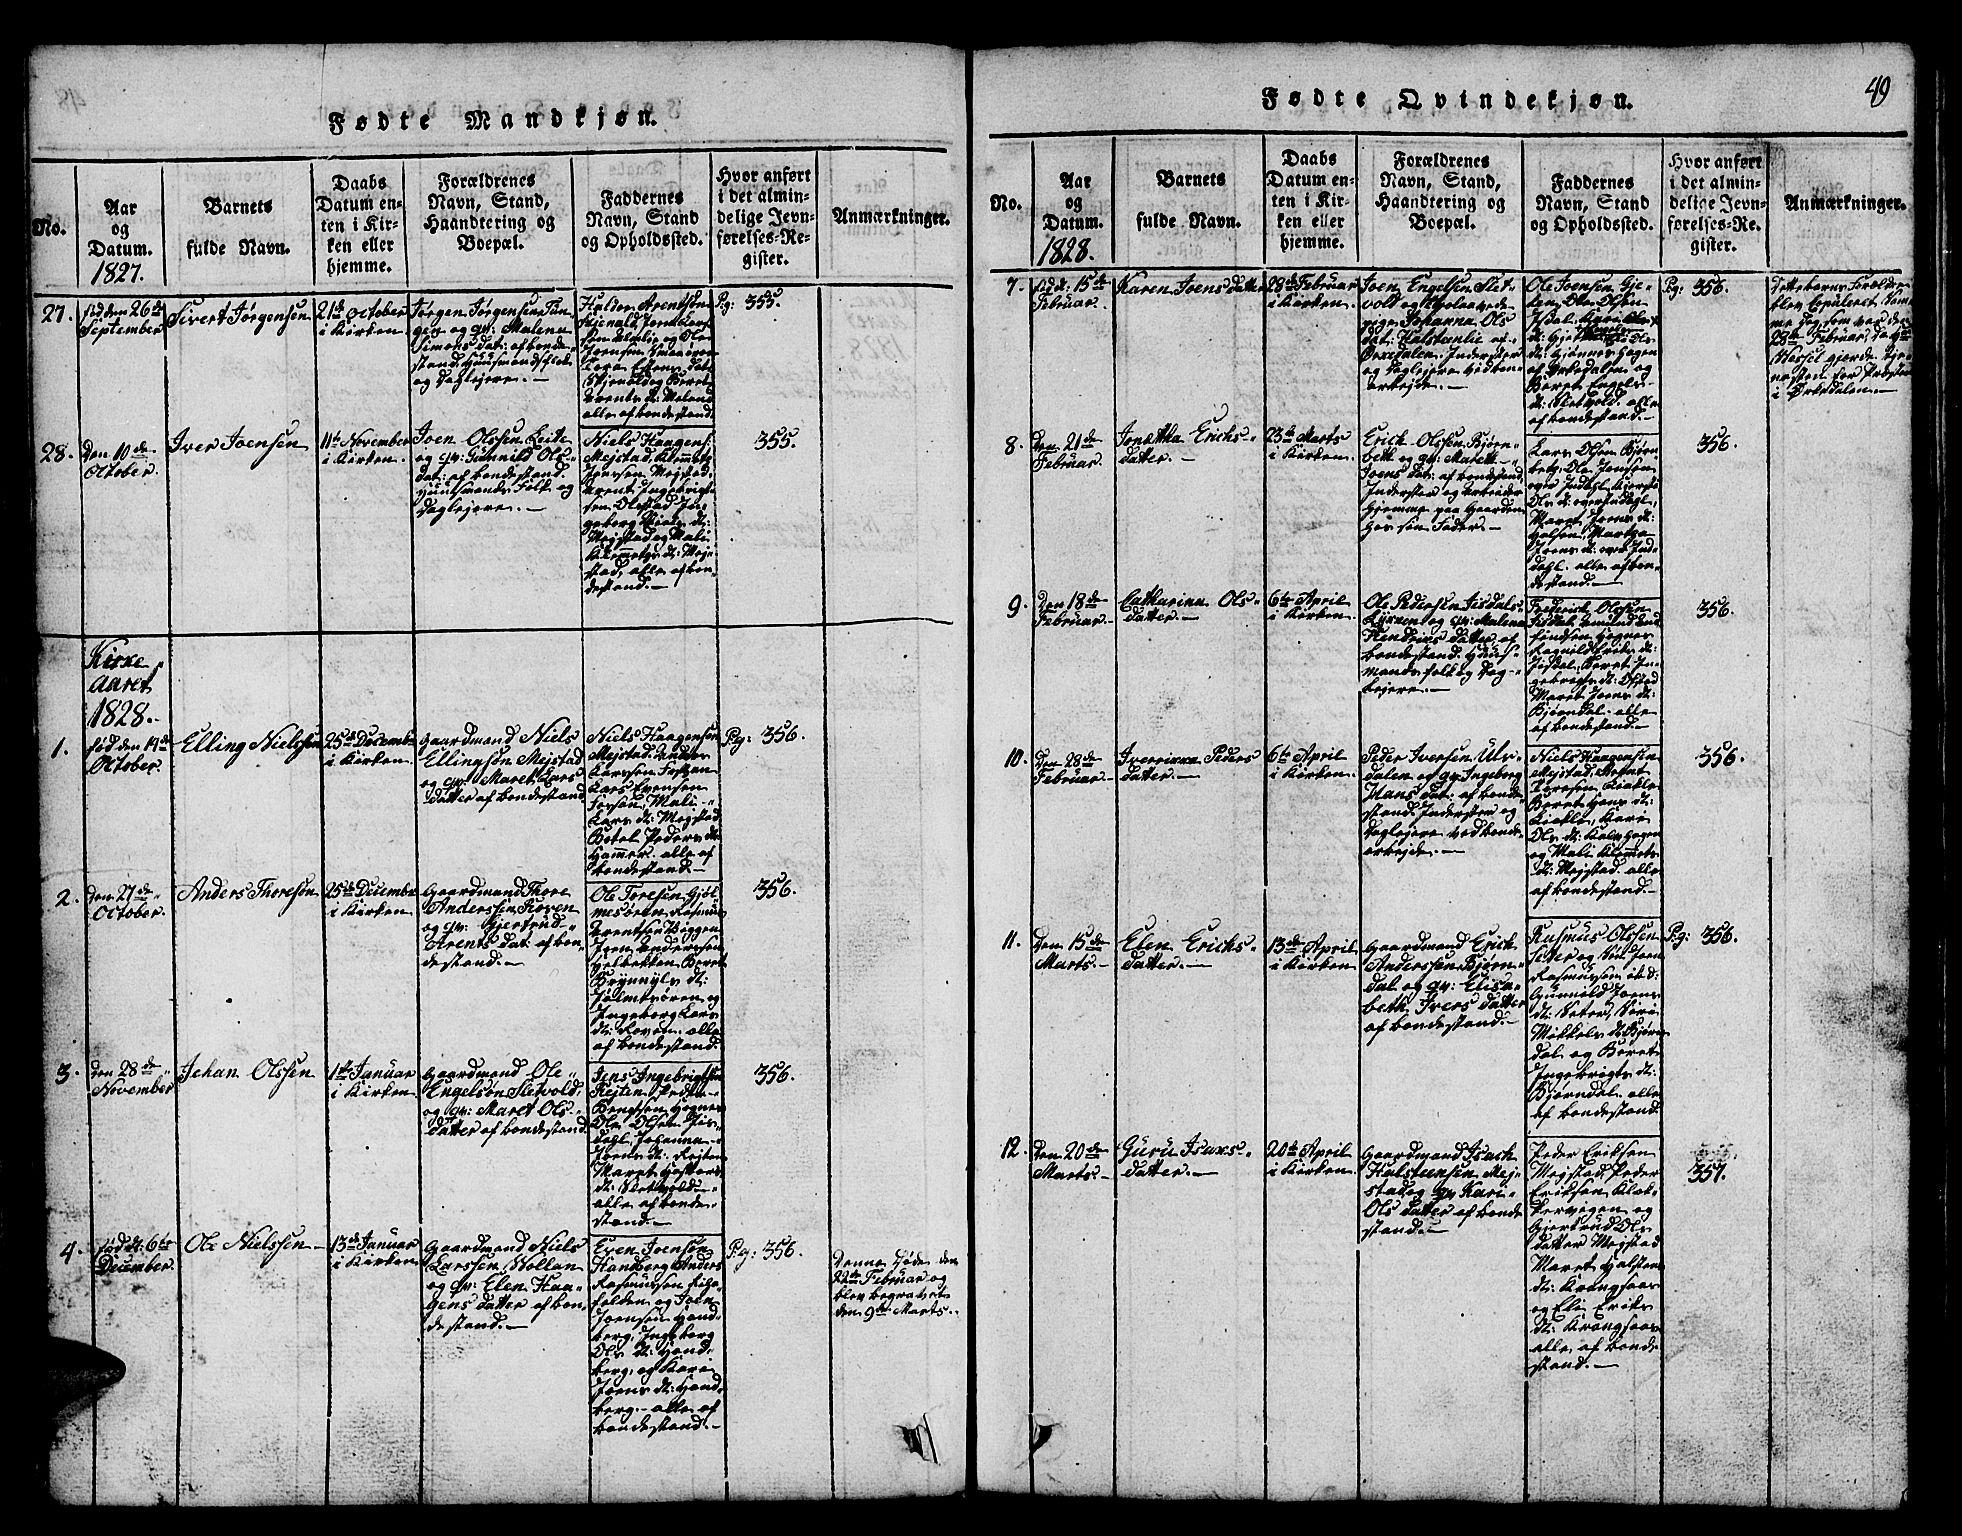 SAT, Ministerialprotokoller, klokkerbøker og fødselsregistre - Sør-Trøndelag, 665/L0776: Klokkerbok nr. 665C01, 1817-1837, s. 49